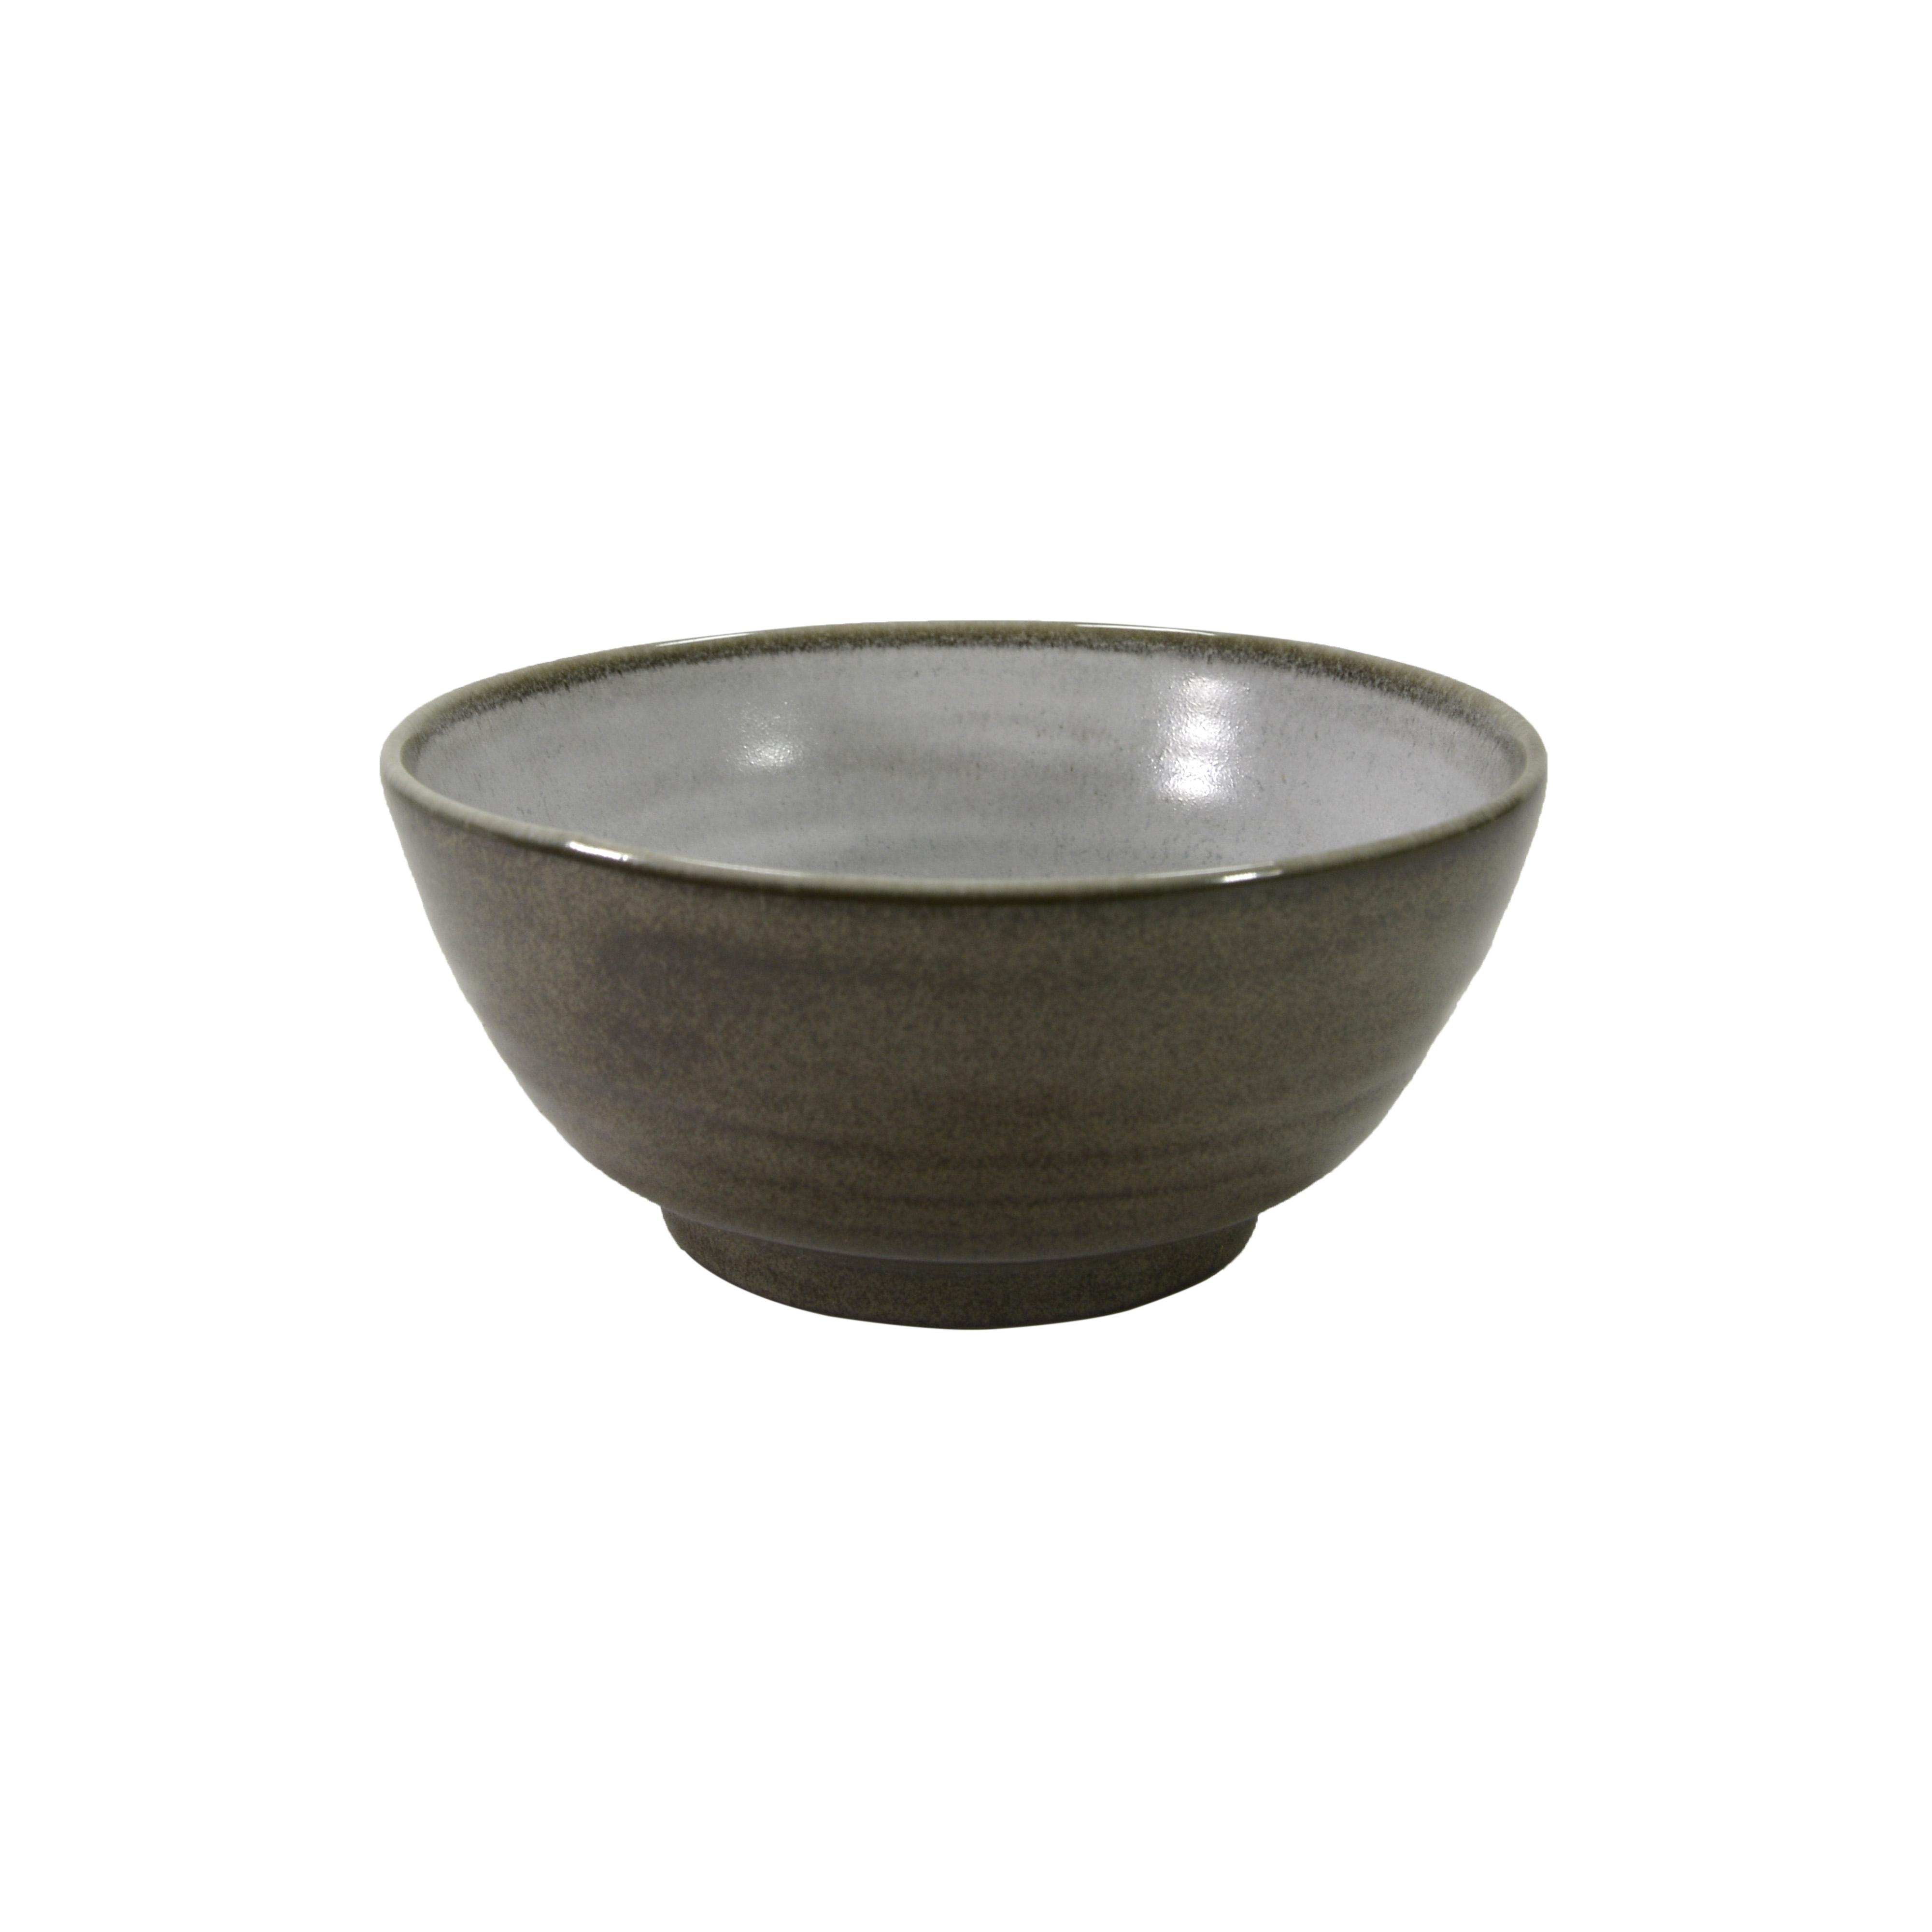 Bol en porcelaine gris 13.5 cm - Lot de 5